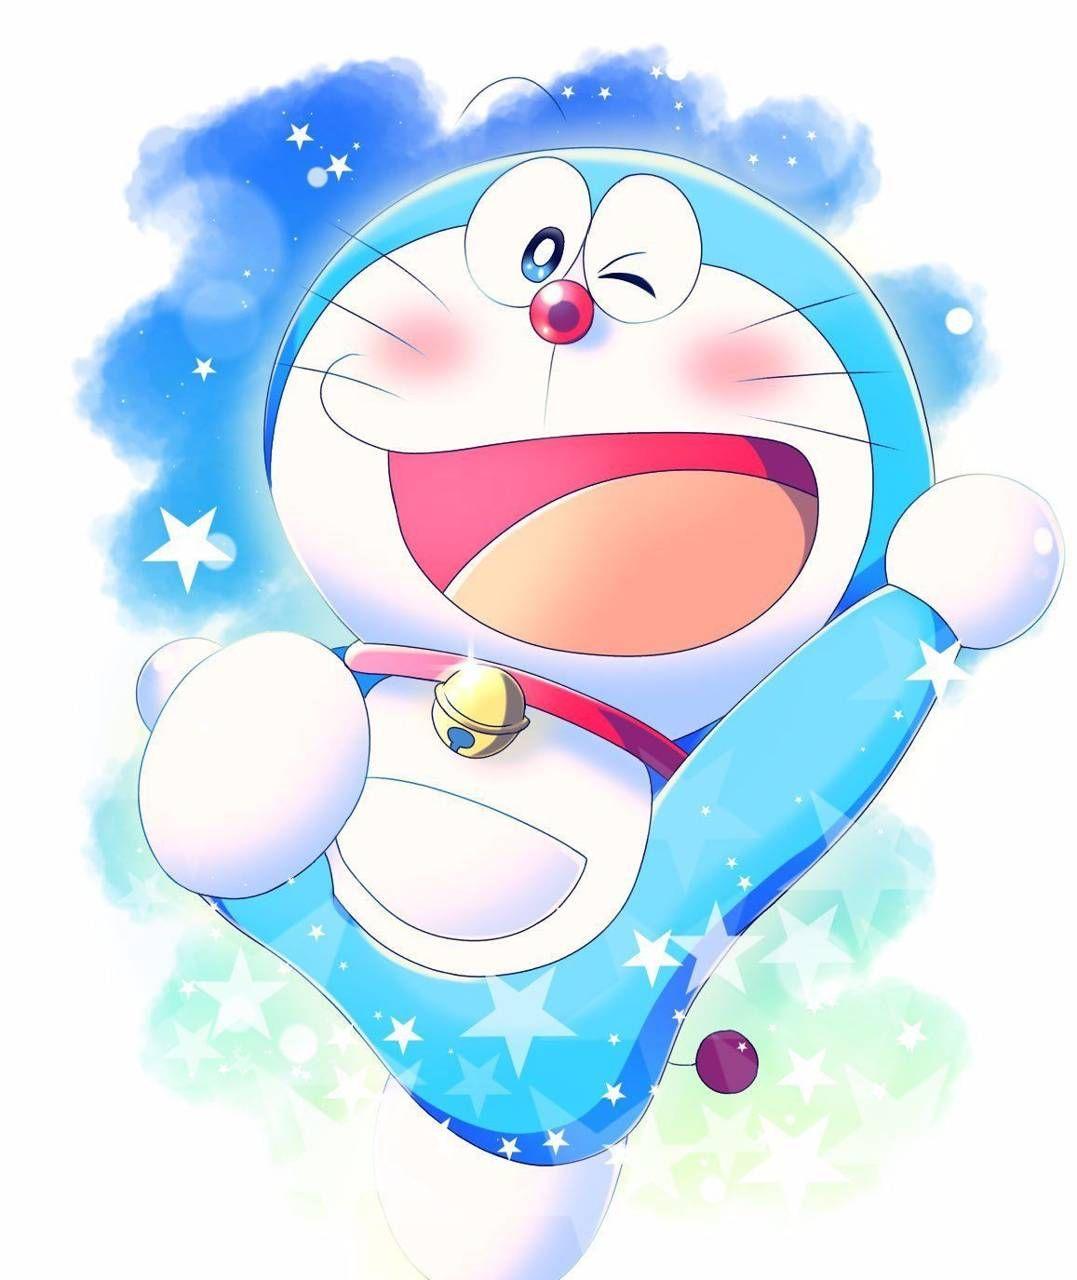 Doraemon wallpaper by sebasr10 - 9e - Free on ZEDGE™